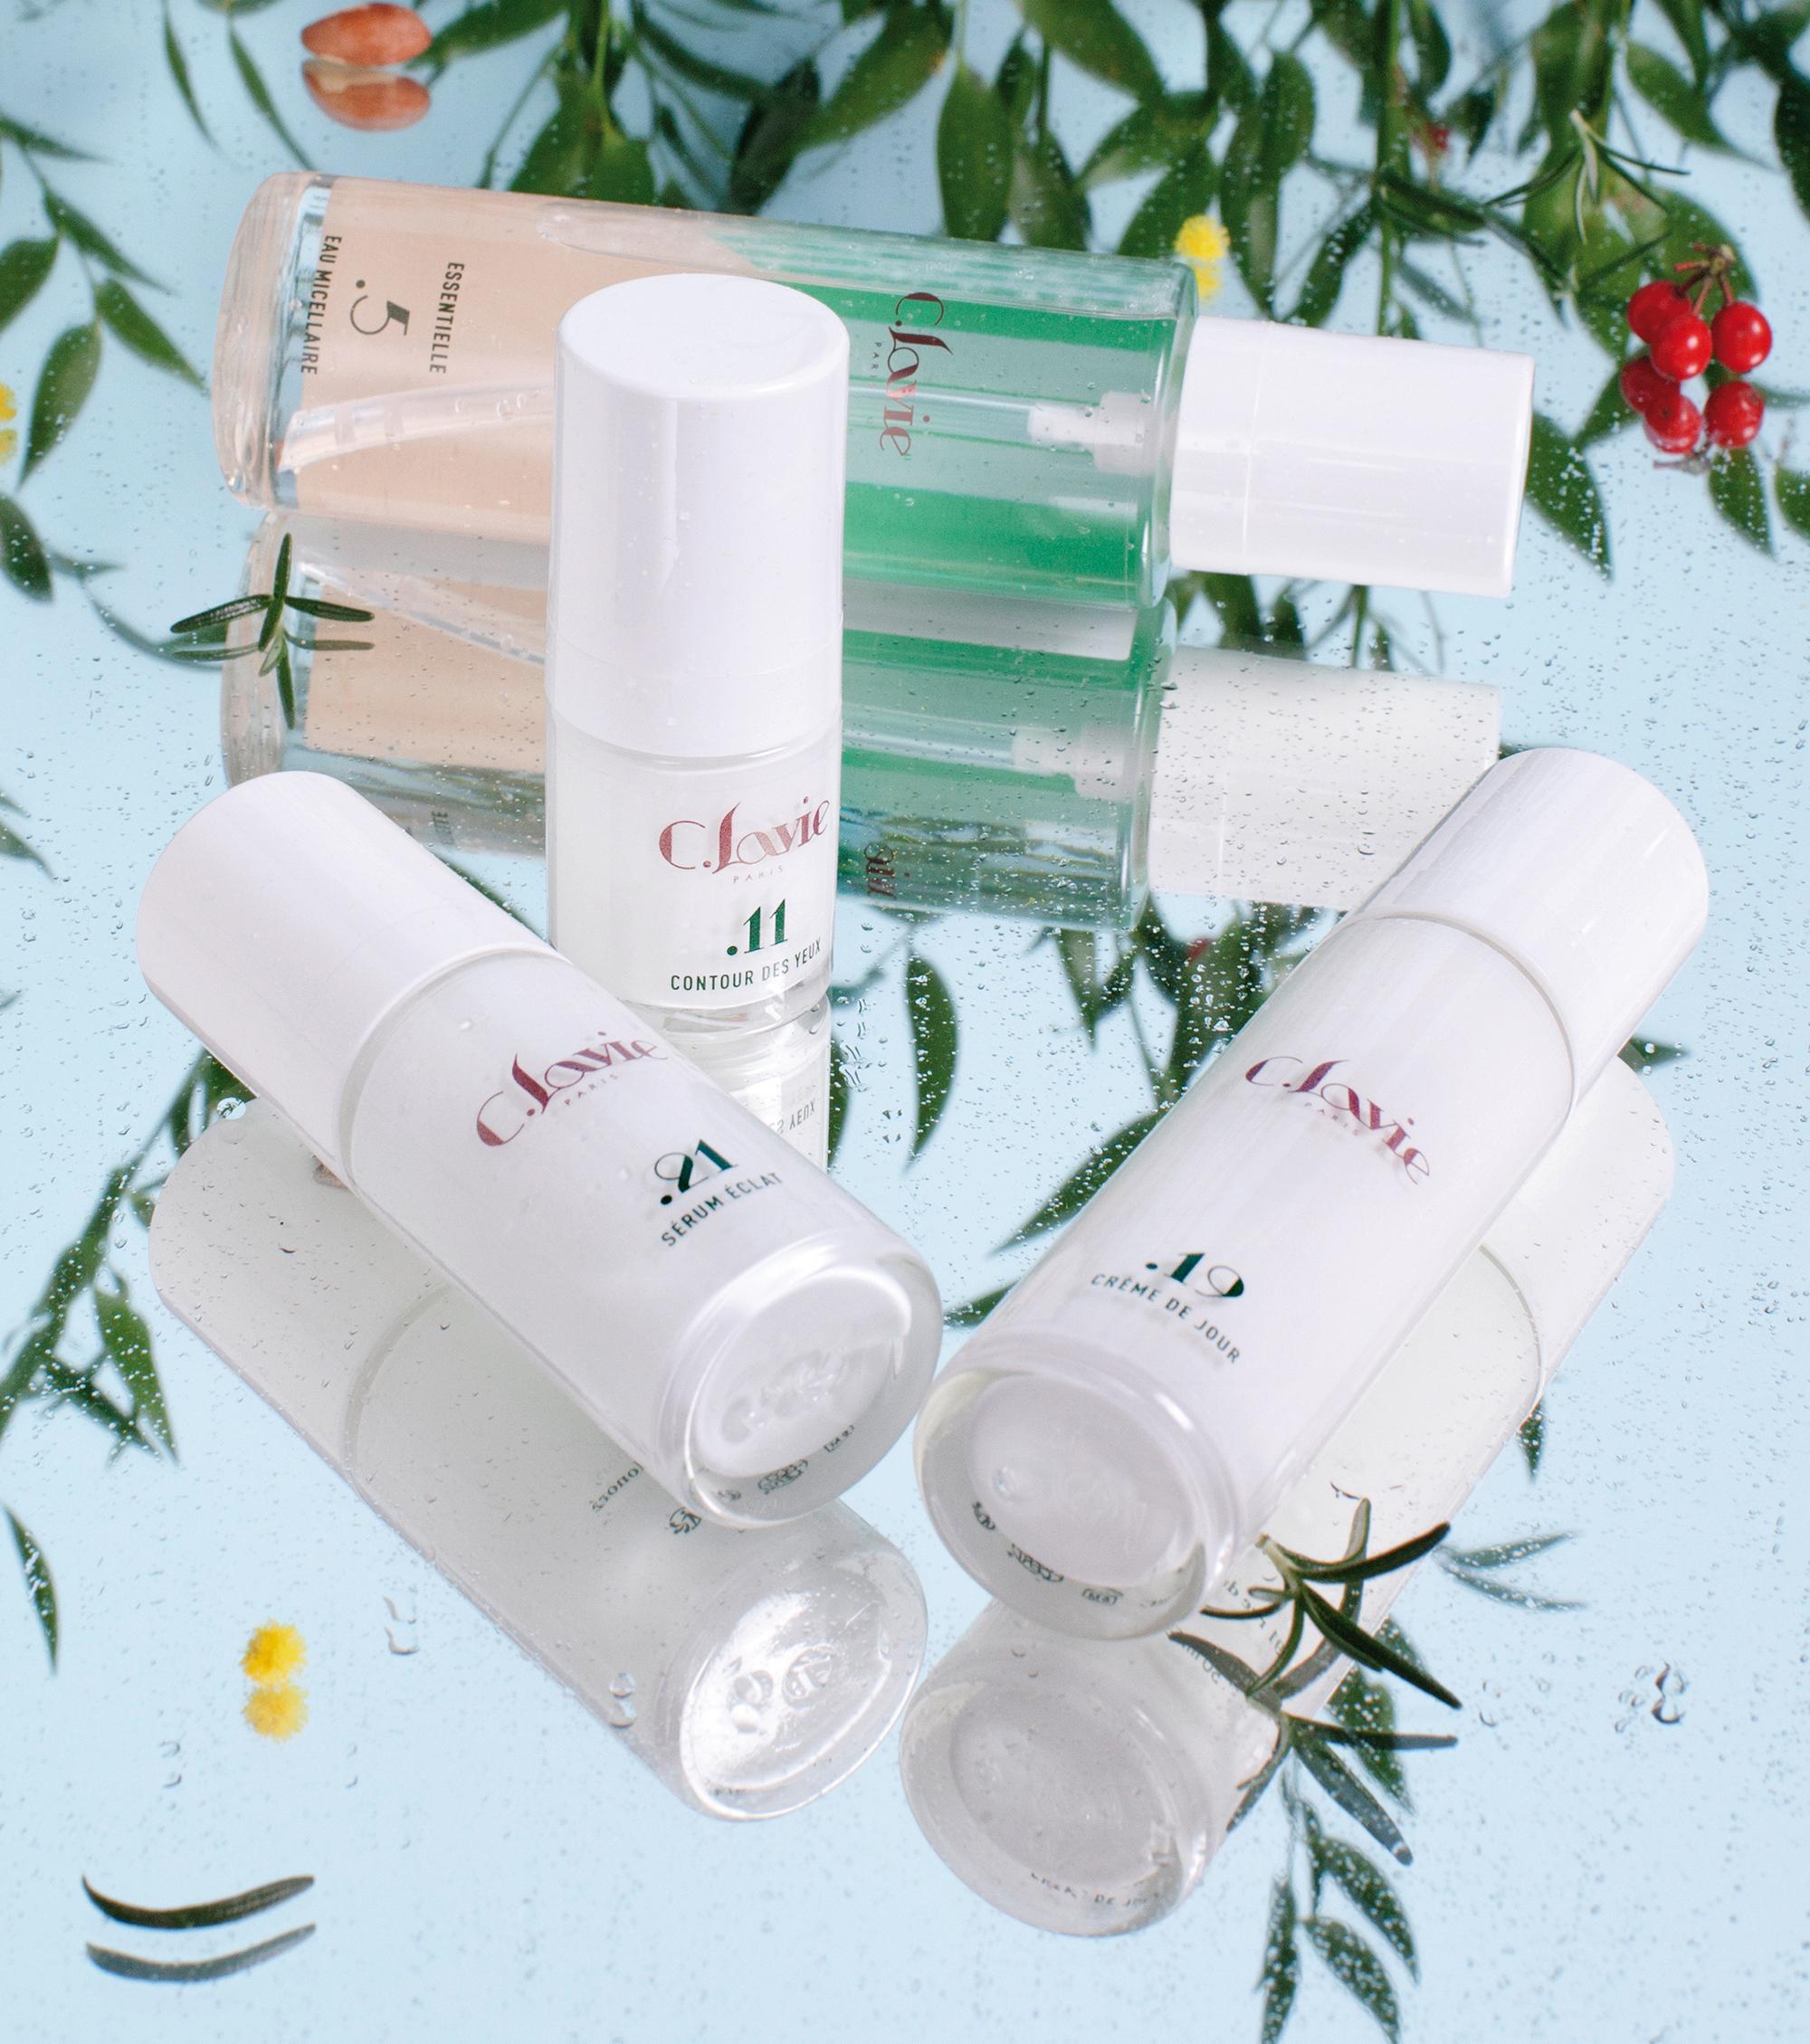 Produits c.lavie beauty shot